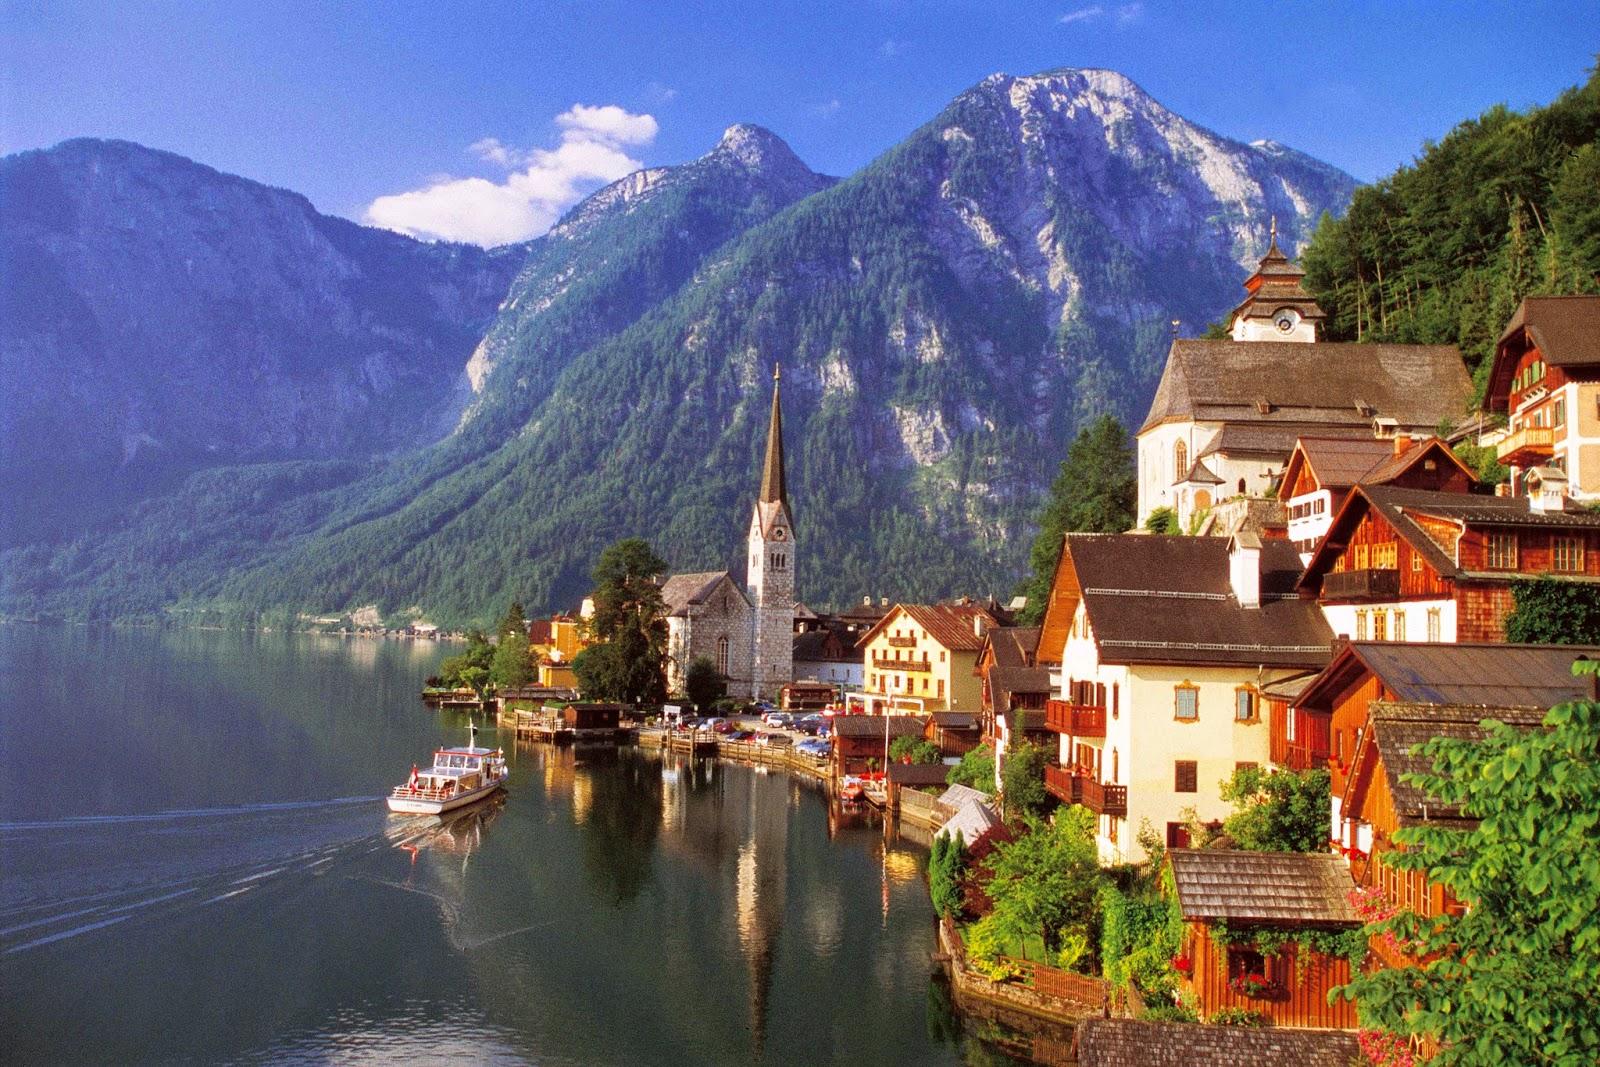 أجمل الأماكن السياحية للعوائل في النمسا